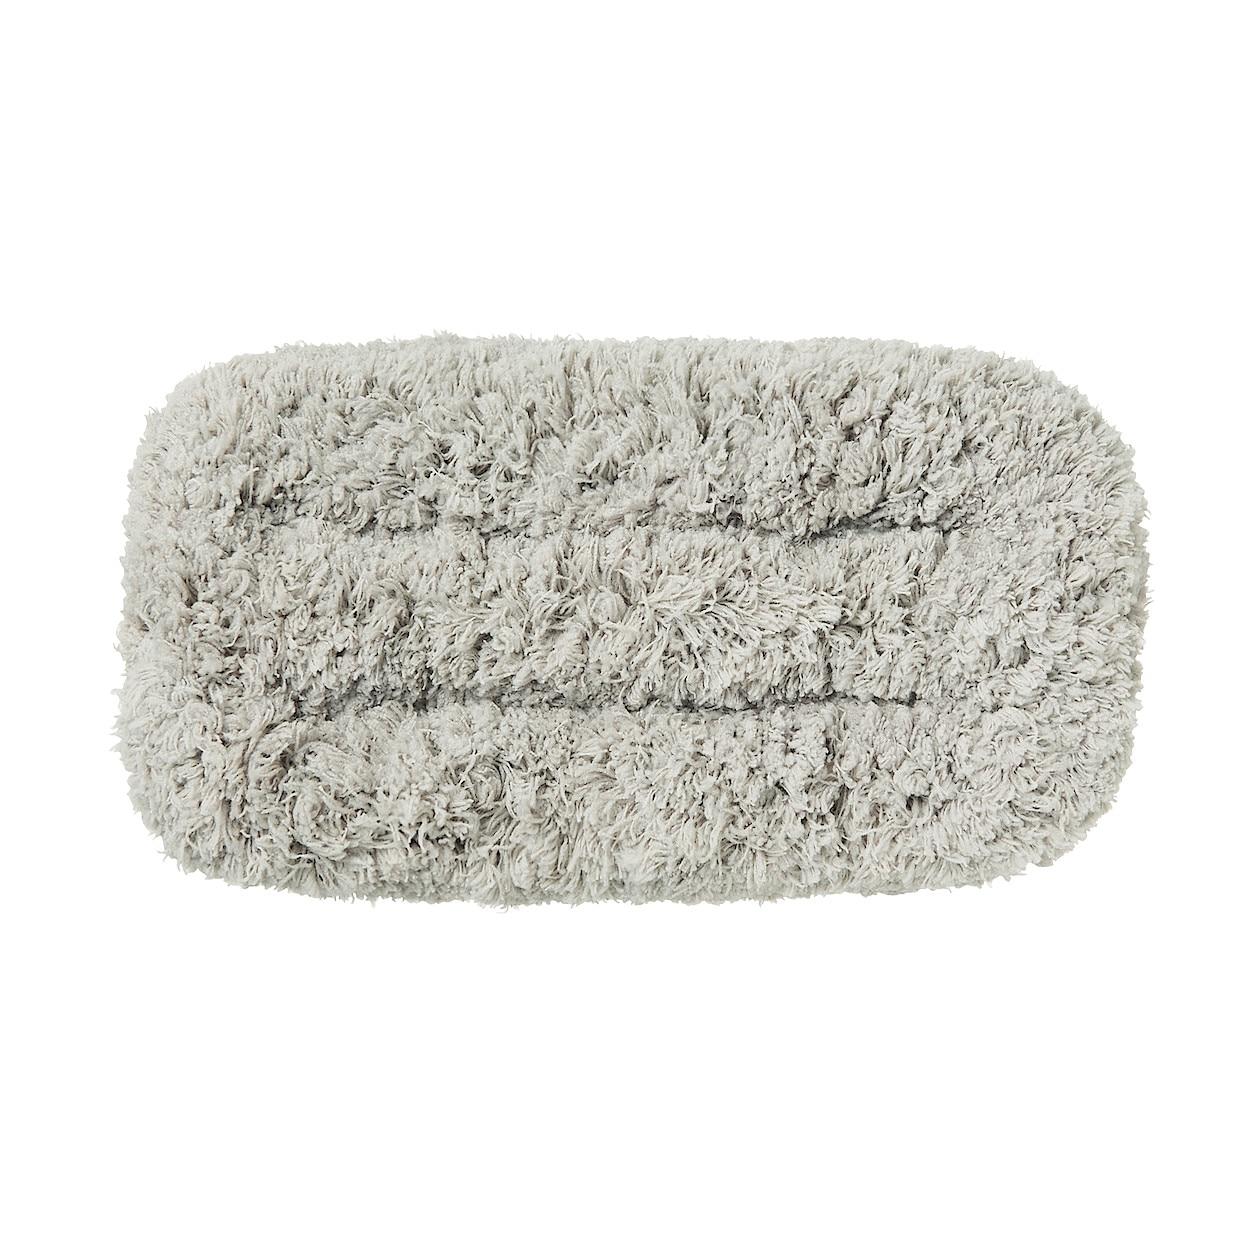 掃除用品システム・フローリングモップ用モップ/ドライ